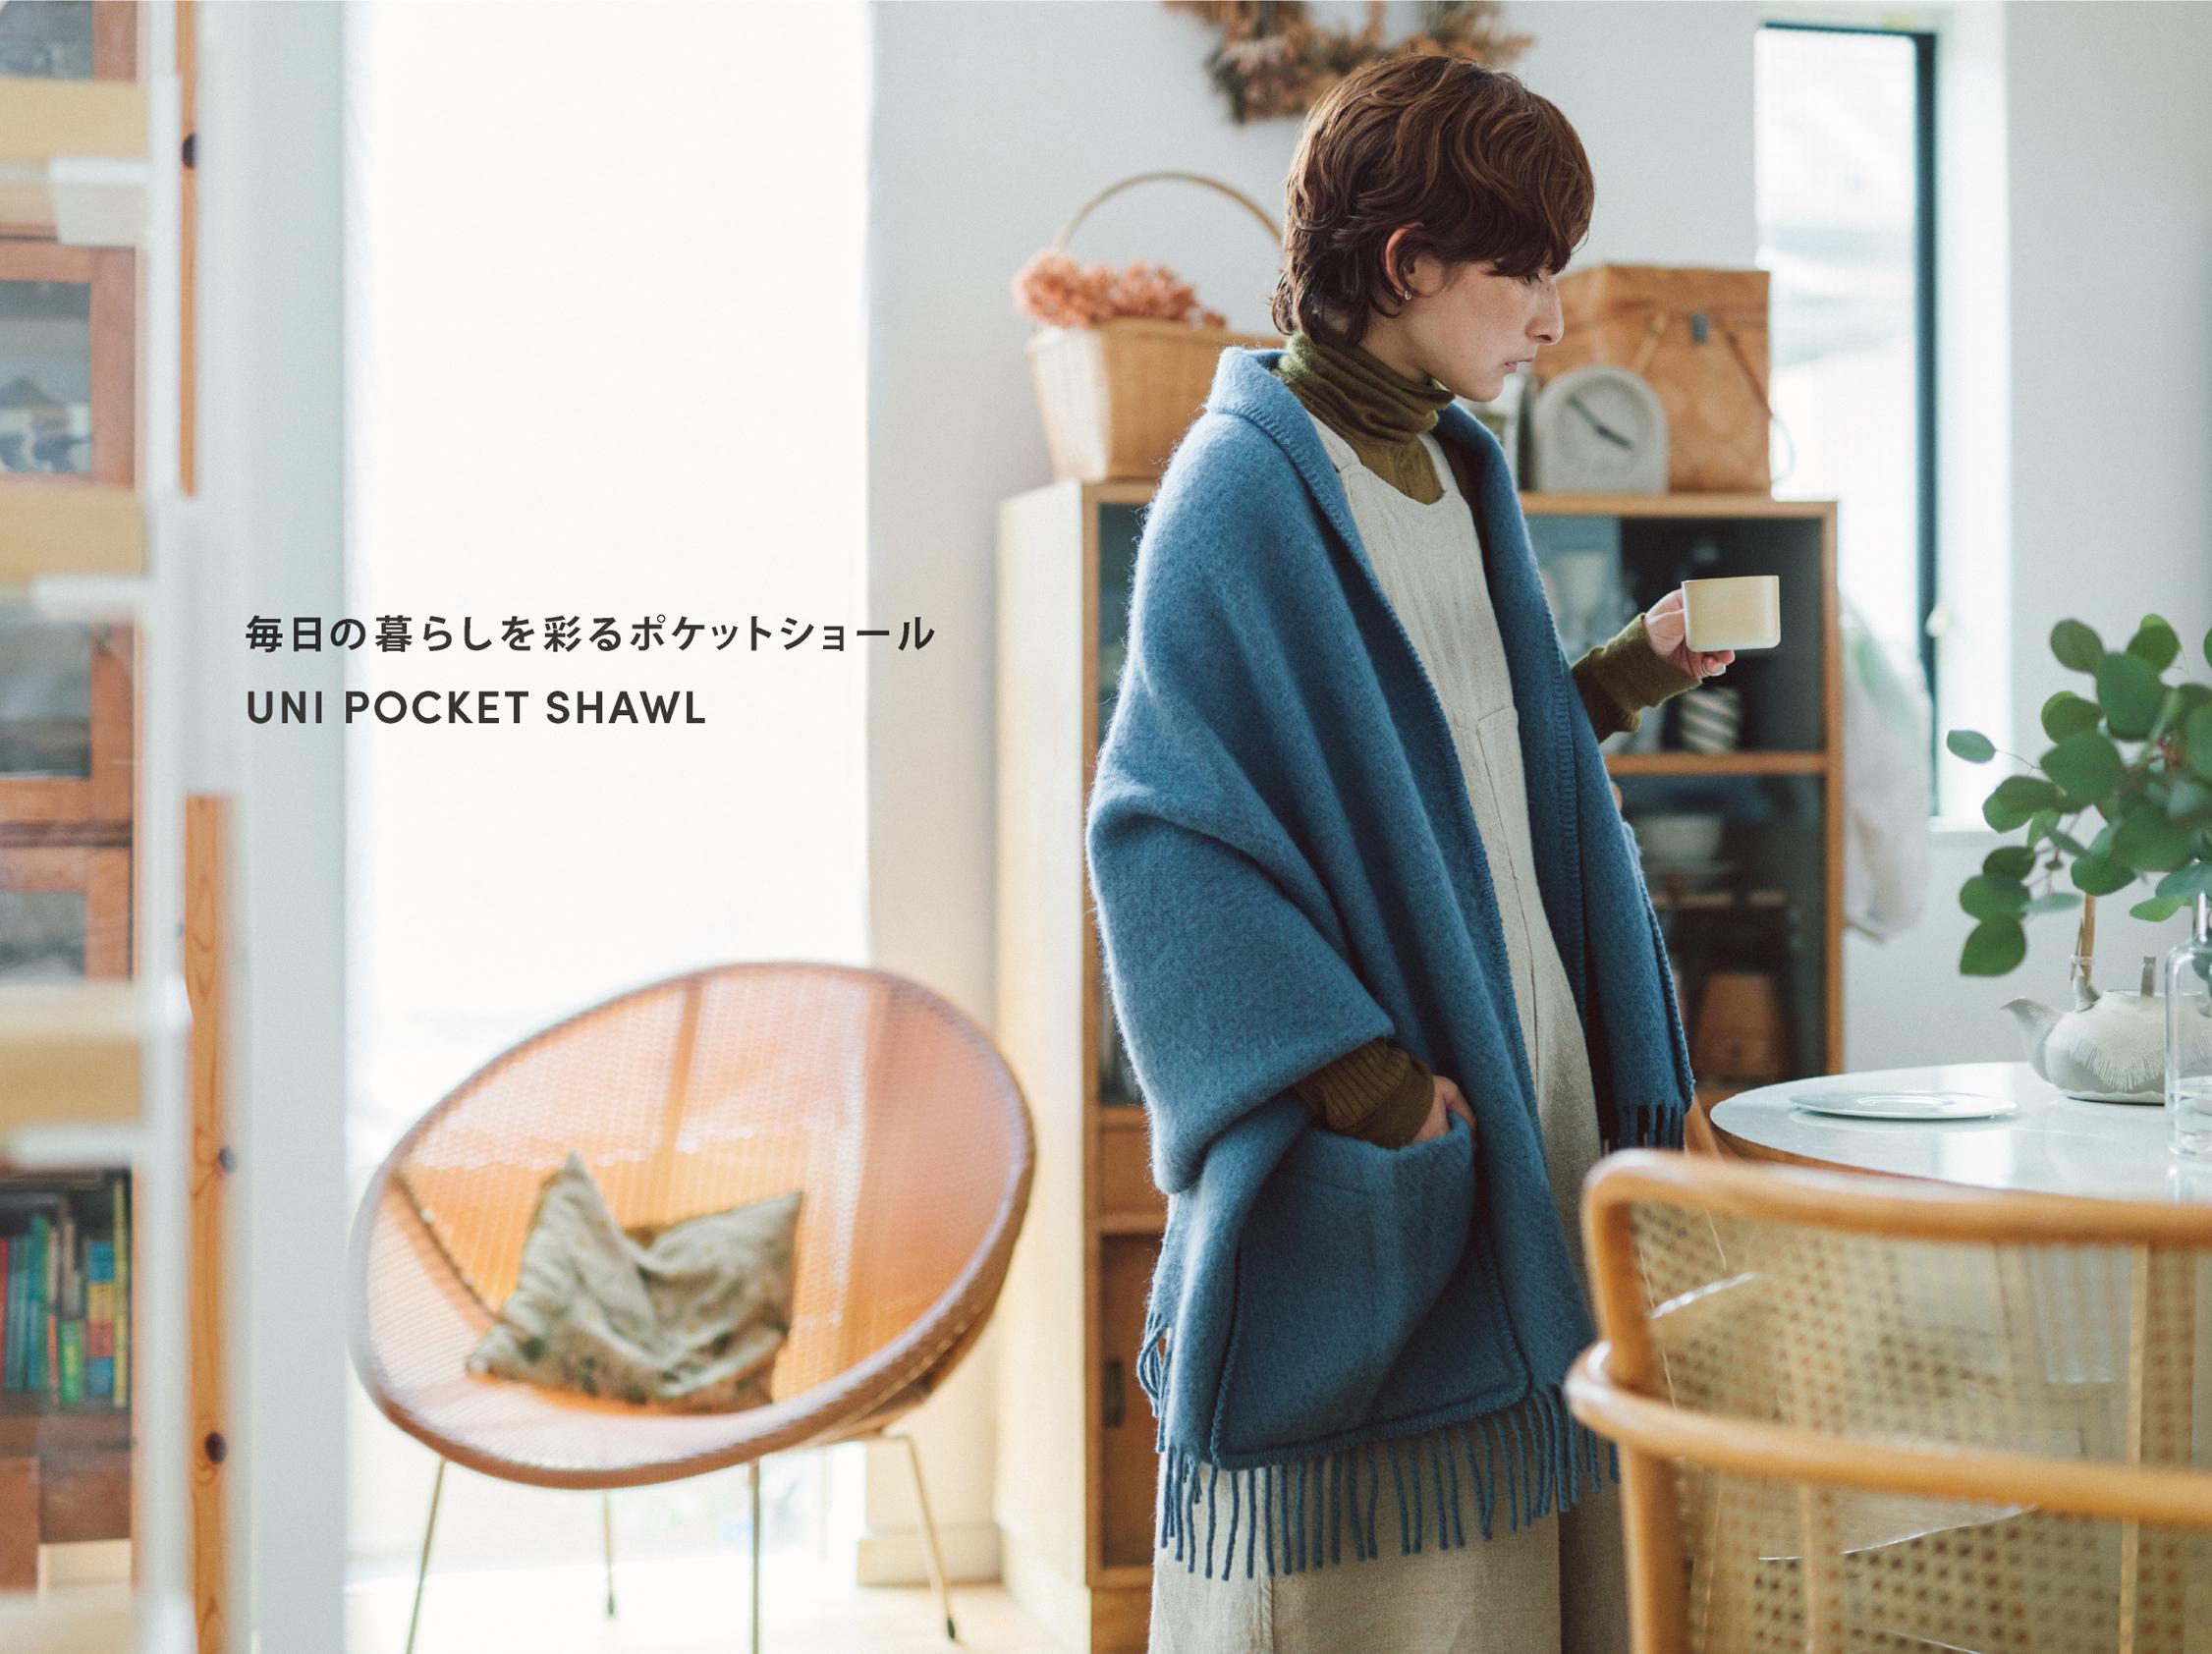 毎日の暮らしを彩るポケットショール / UNI POCKET SHAWLのイメージ画像